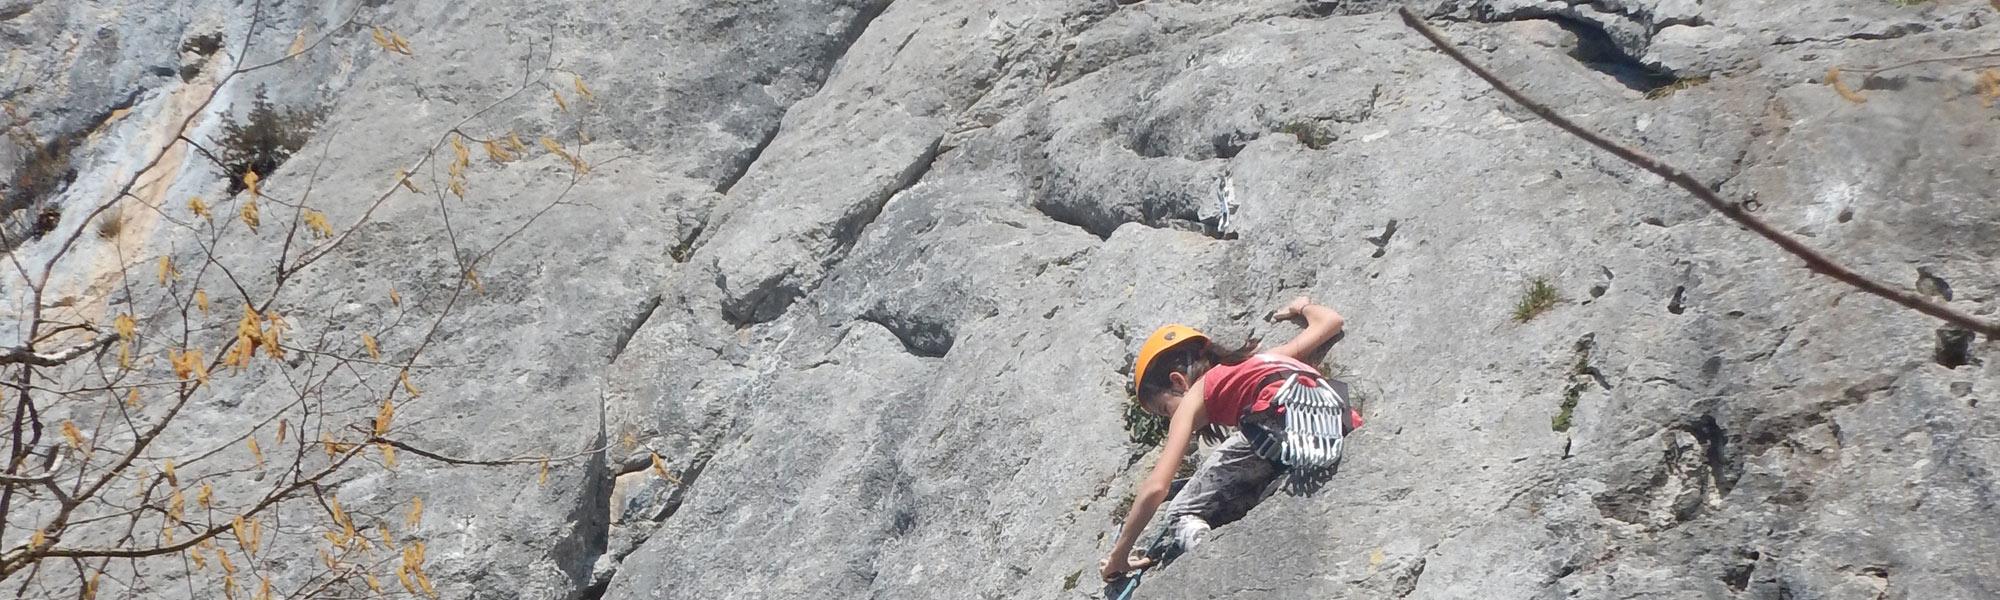 école d escalade en vallee de Campan